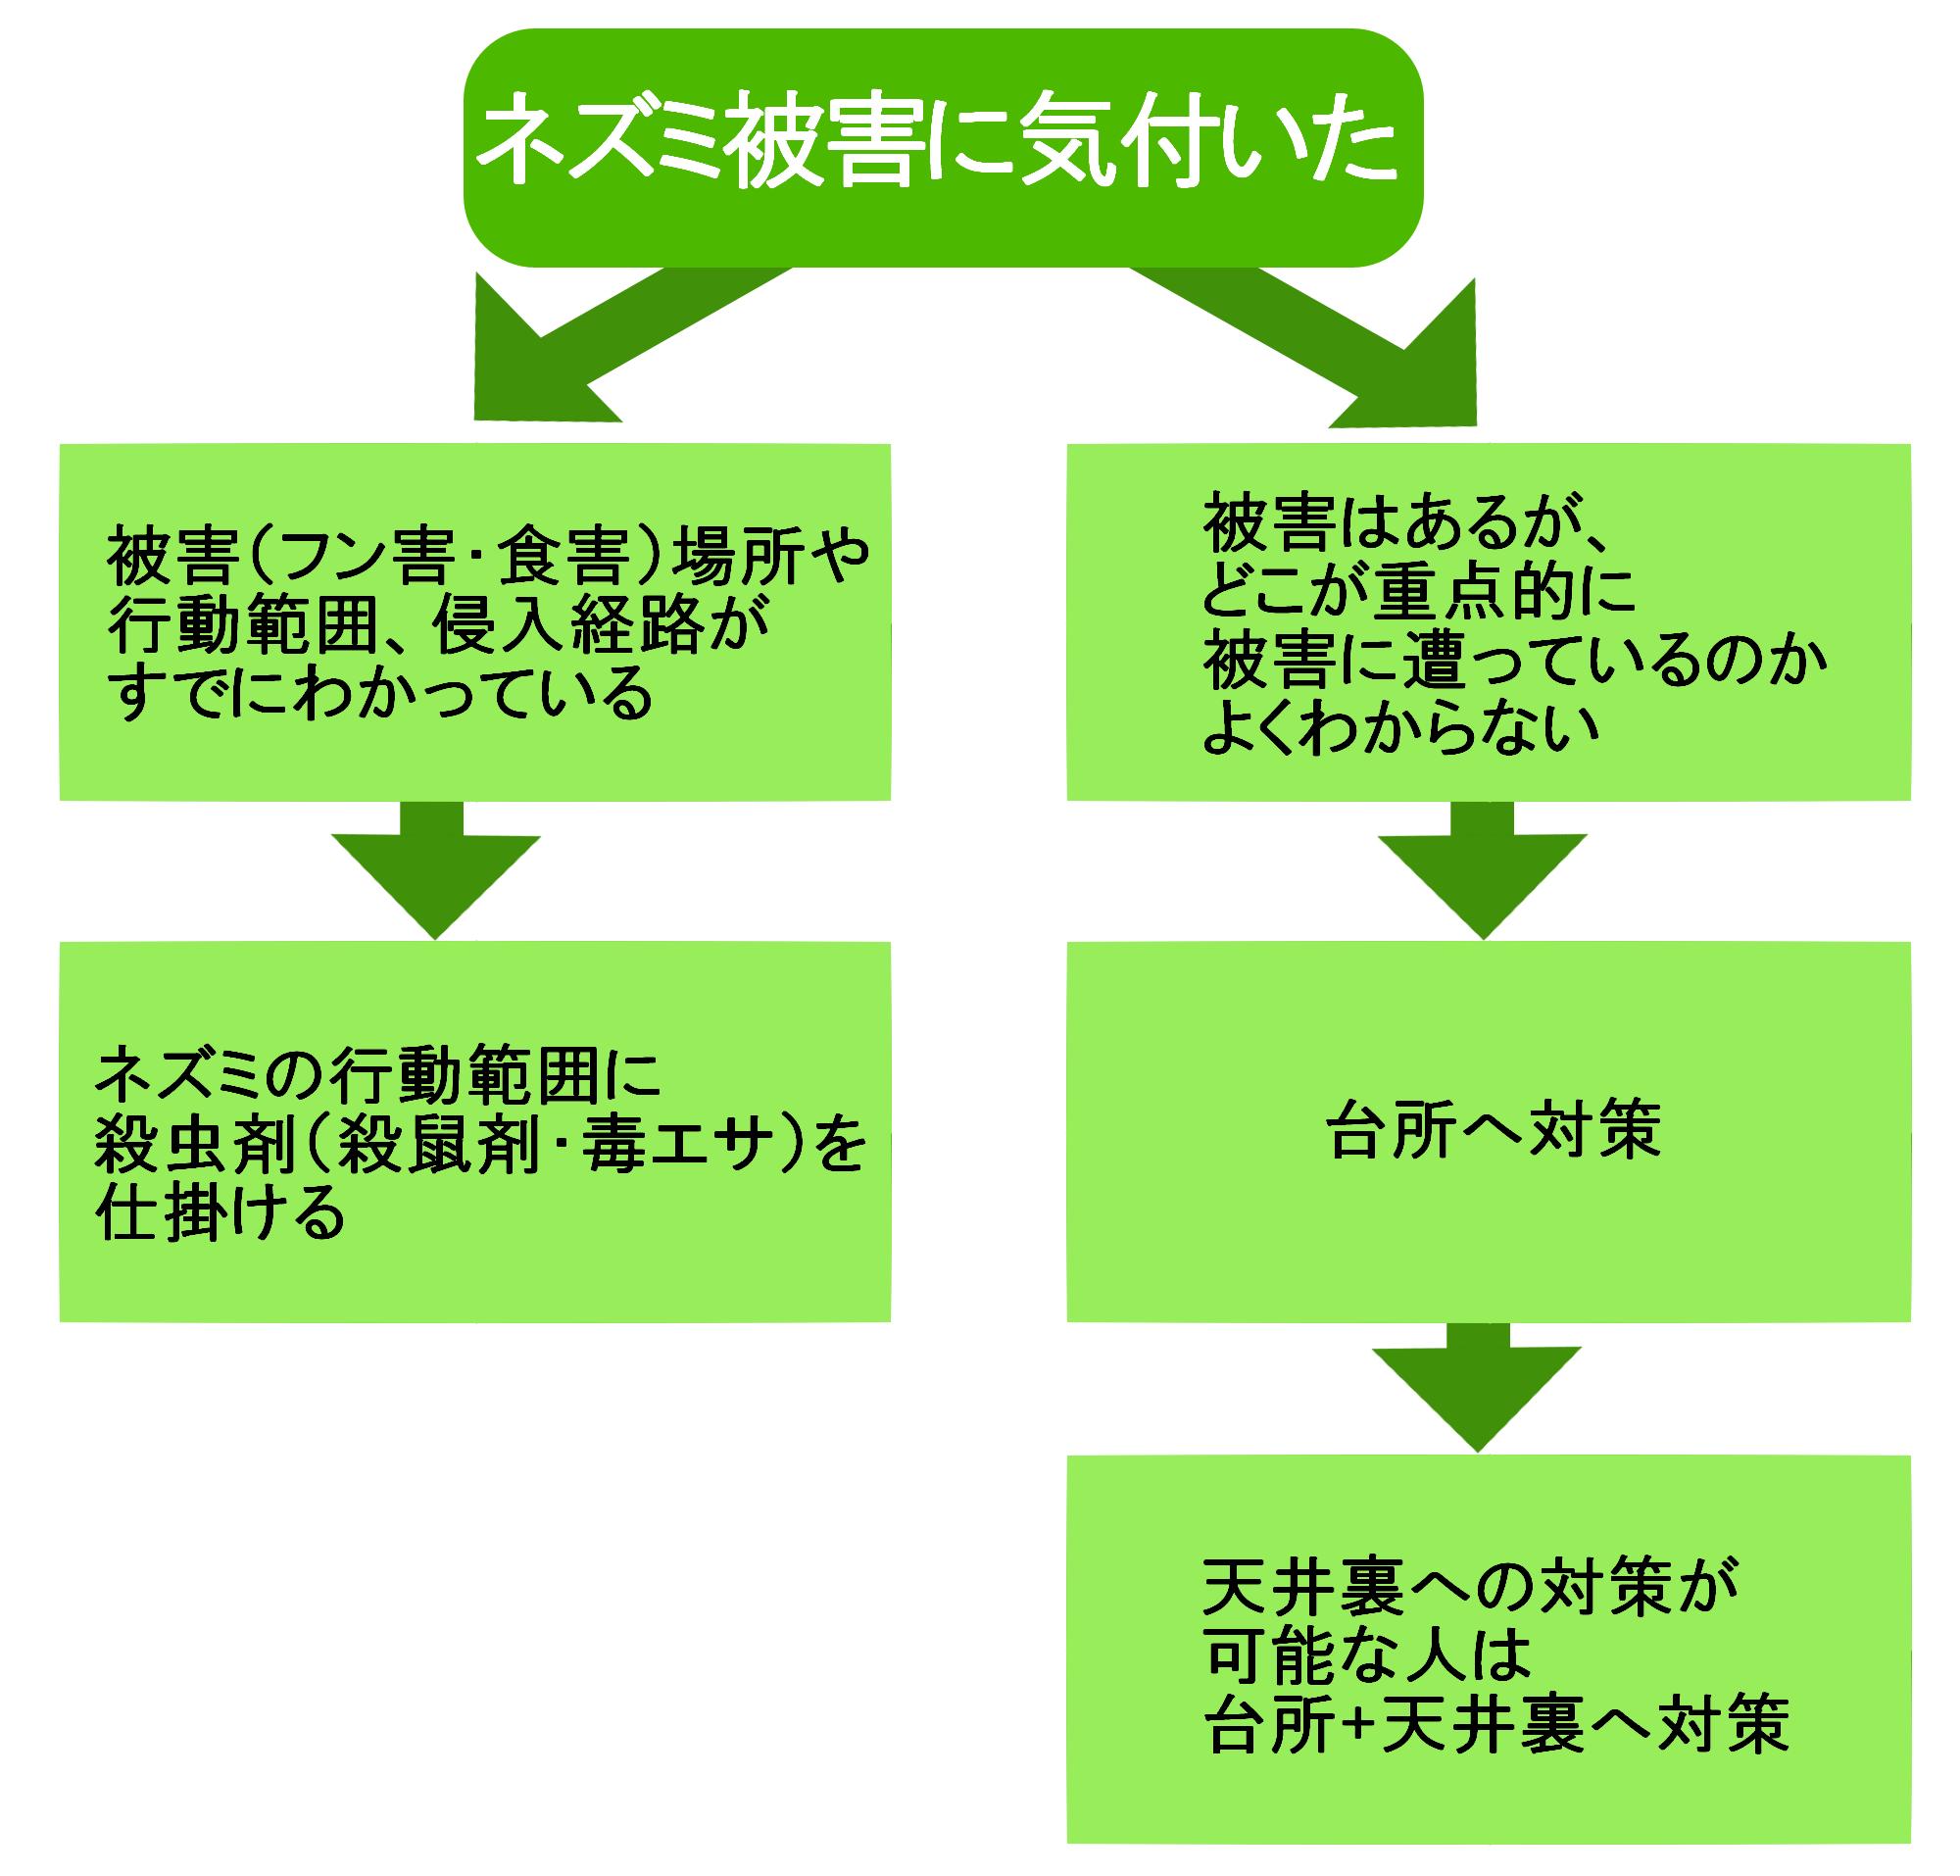 ステップ(3)殺虫剤を設置